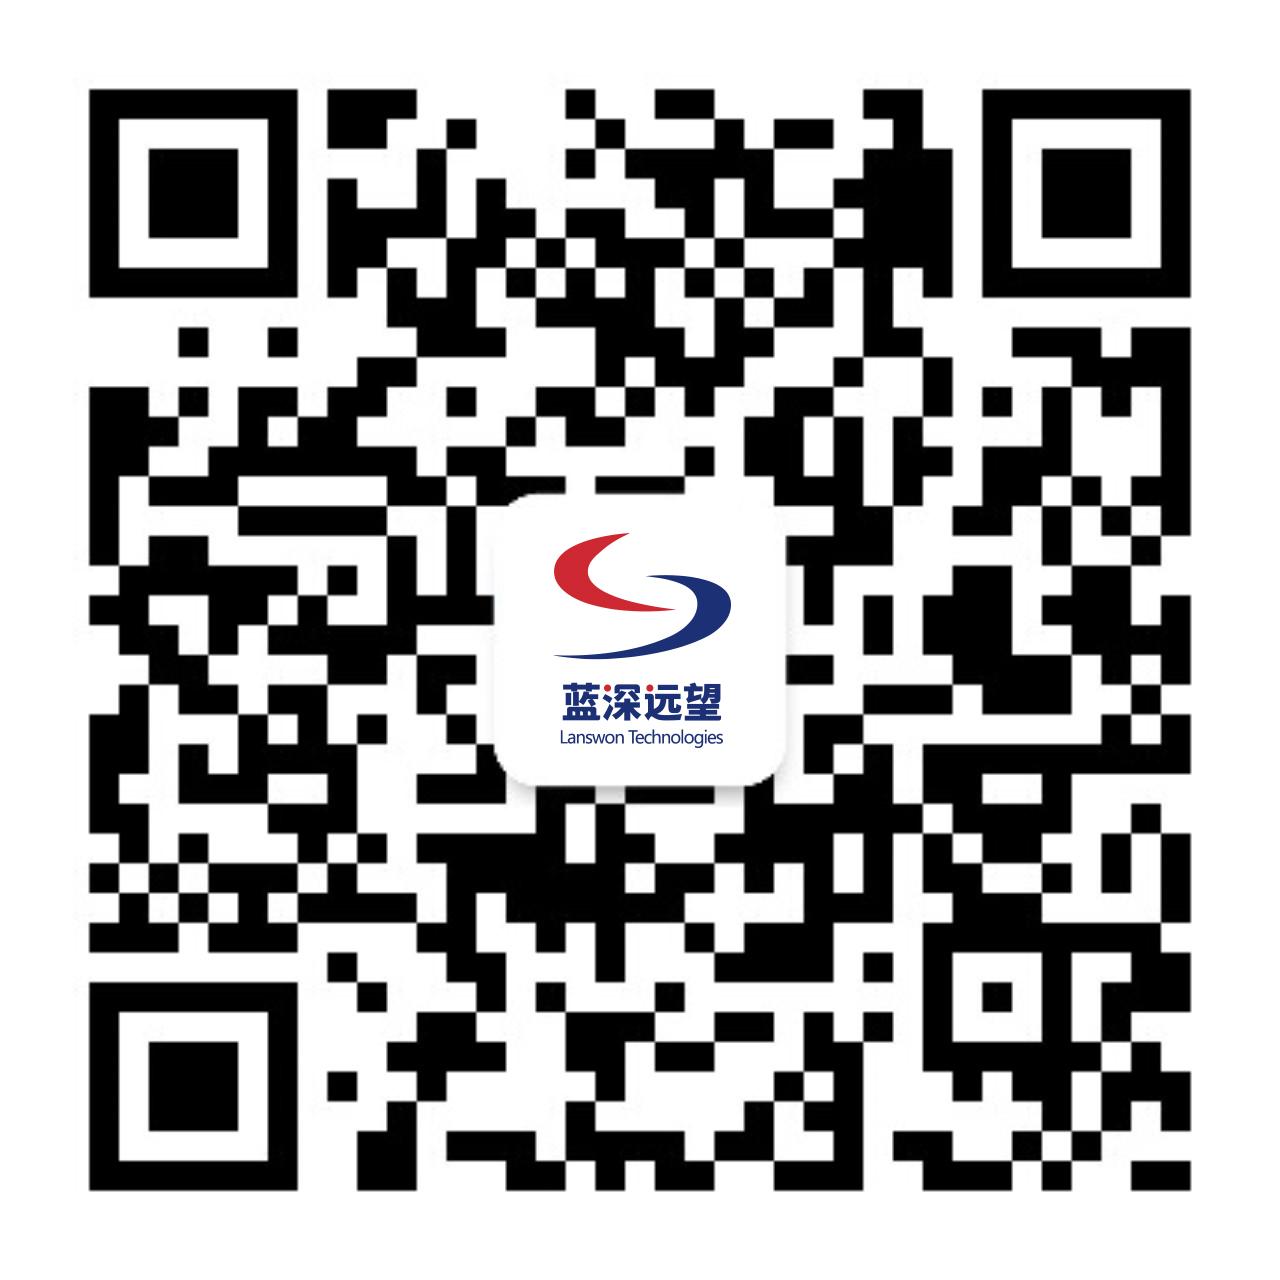 新字体蓝深logo-9d4620ed59d05785fbb9f8604c9e626